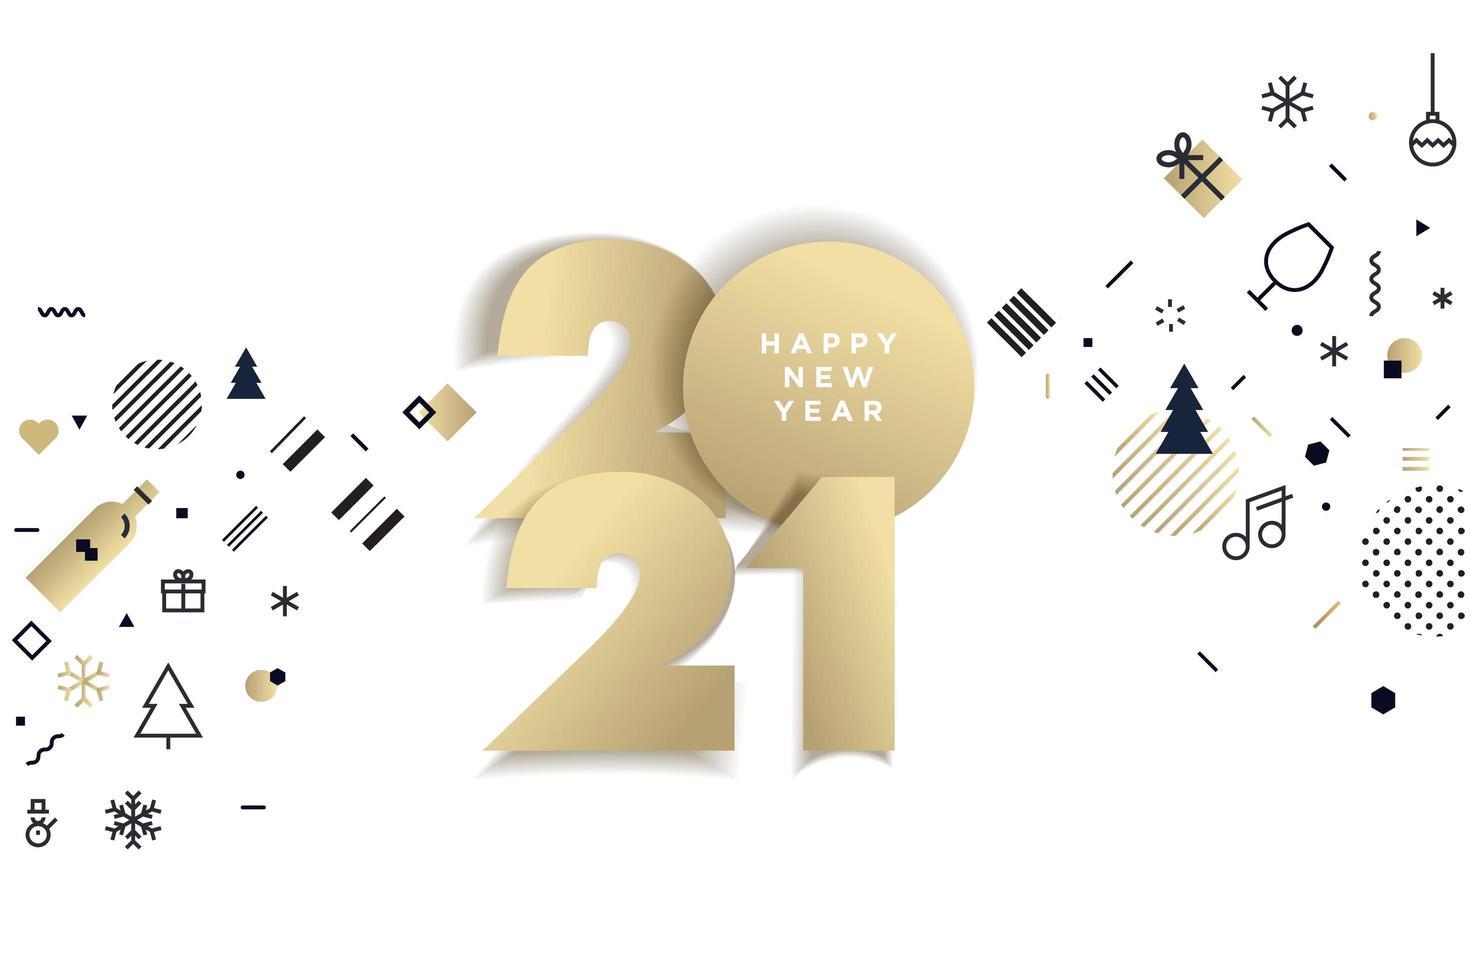 progettazione e icone di festa di arte di carta dorata 2021 vettore